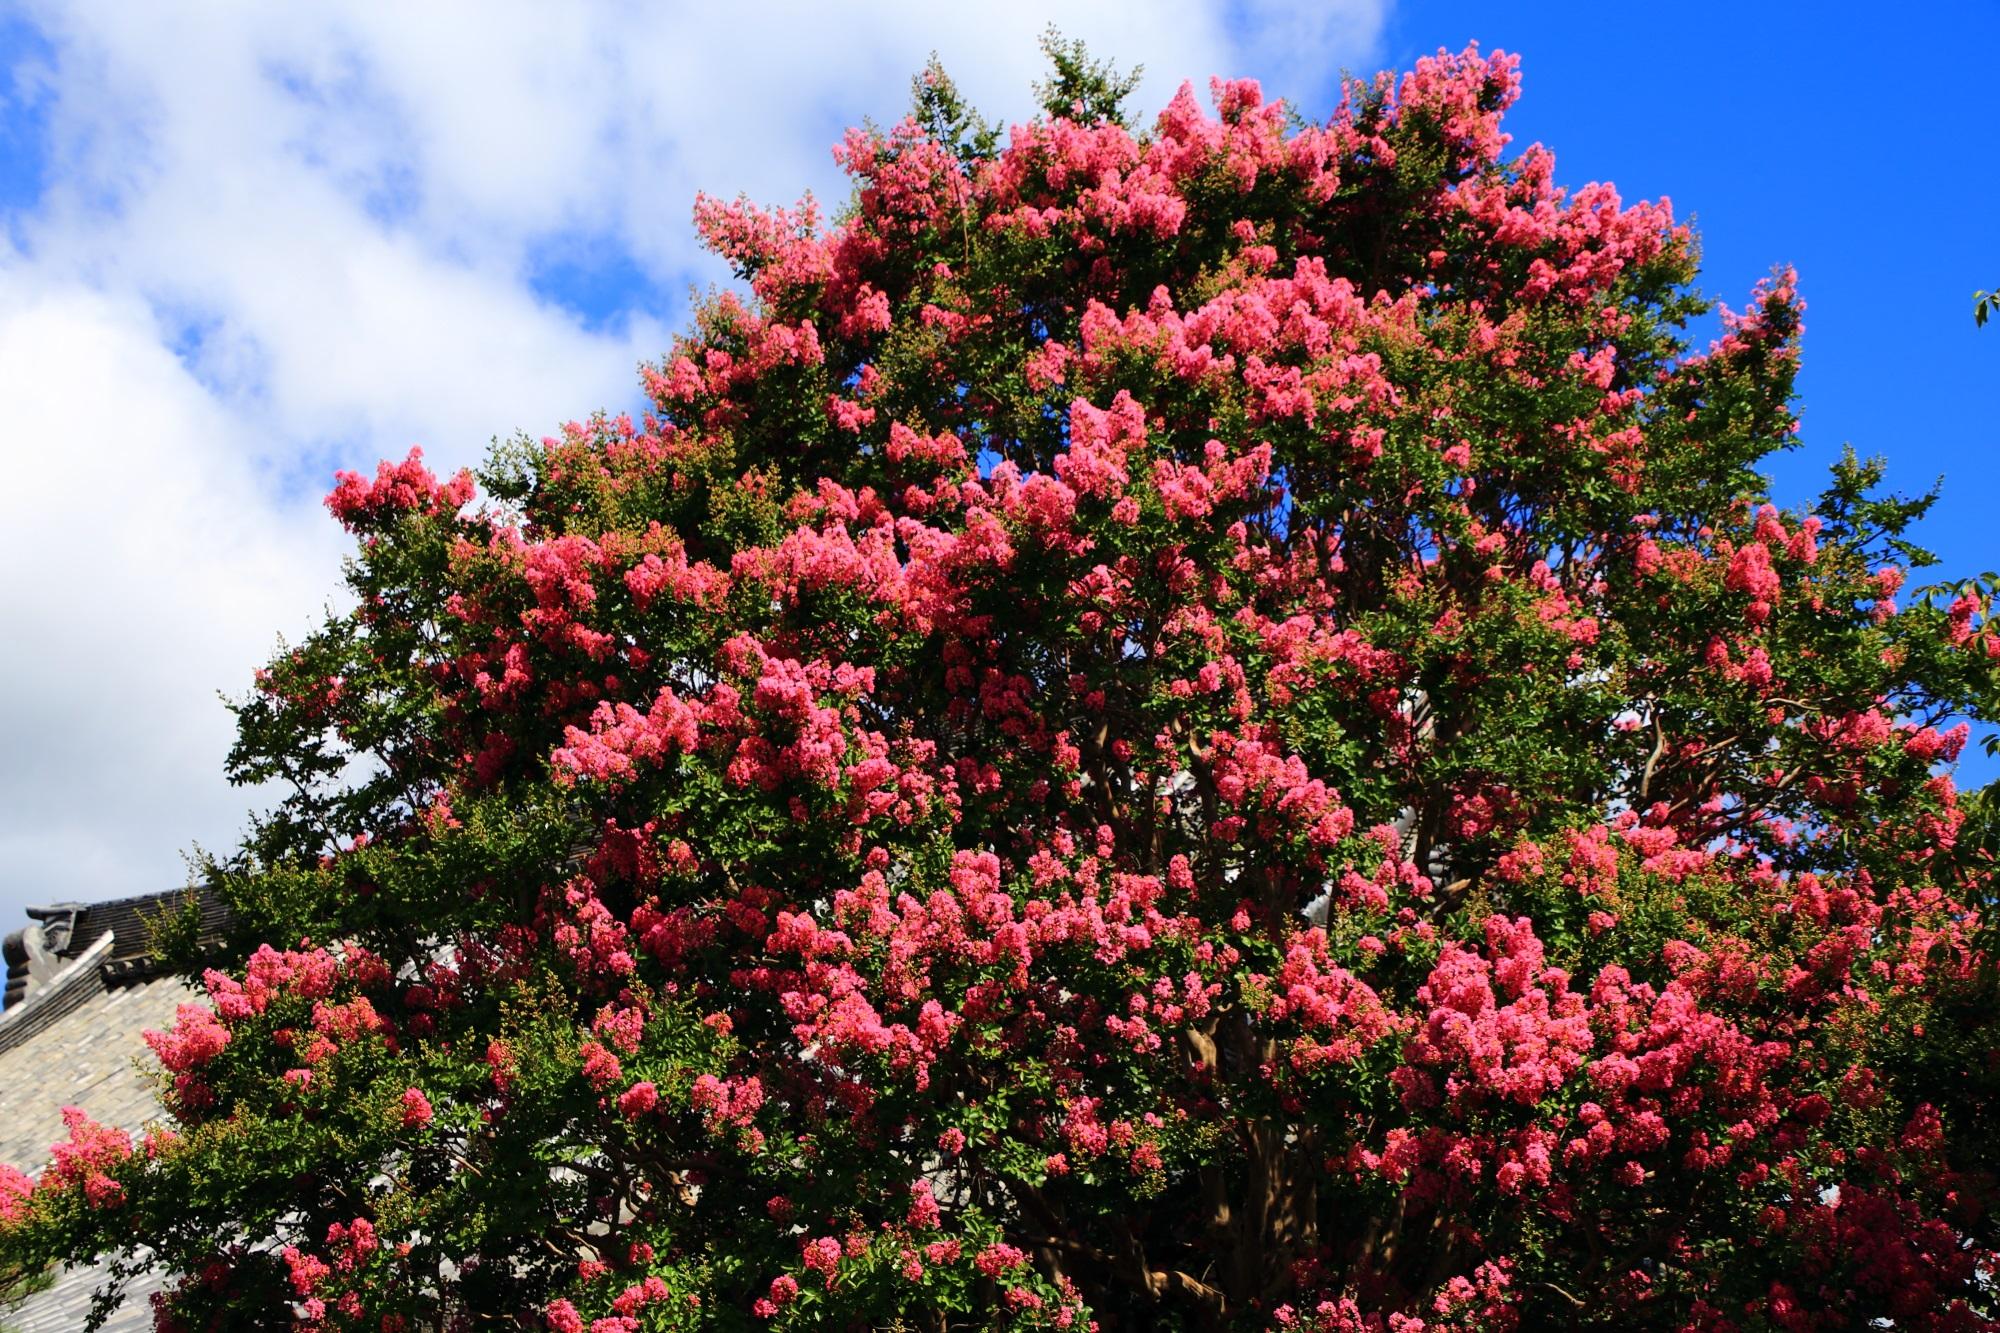 百日紅の木から溢れ出す輝くピンクの花